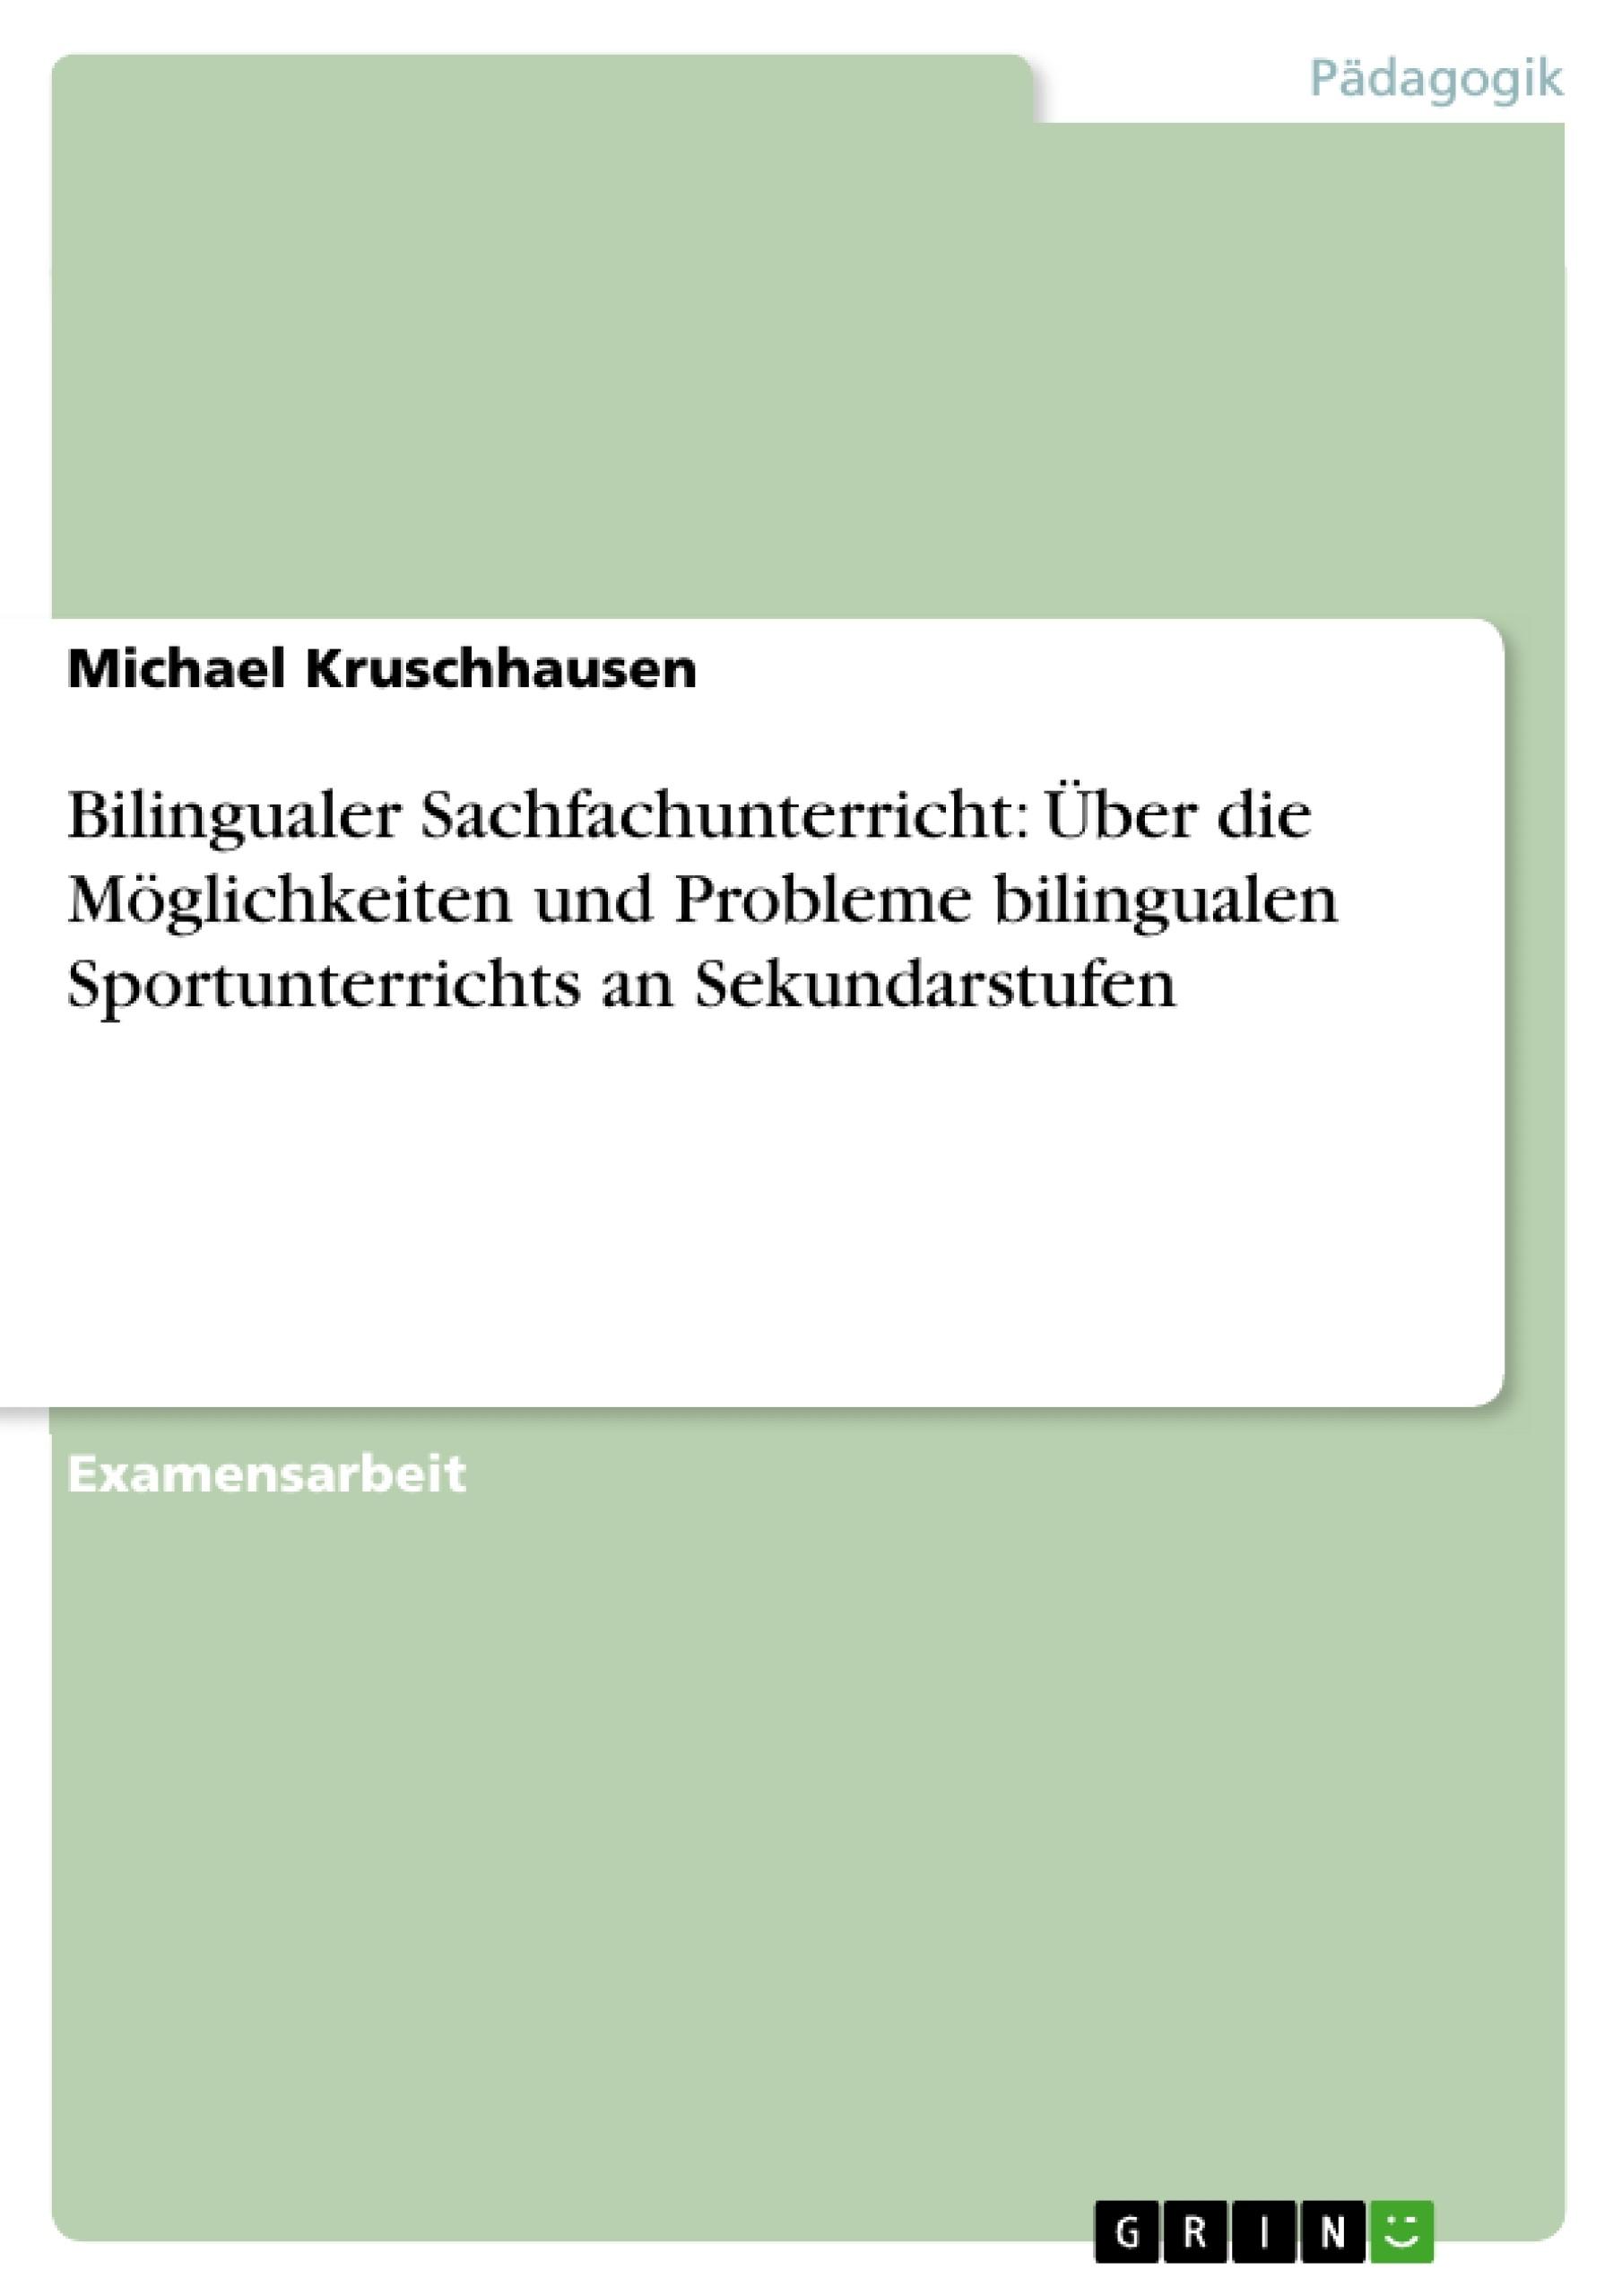 Titel: Bilingualer Sachfachunterricht: Über die Möglichkeiten und Probleme bilingualen Sportunterrichts an Sekundarstufen